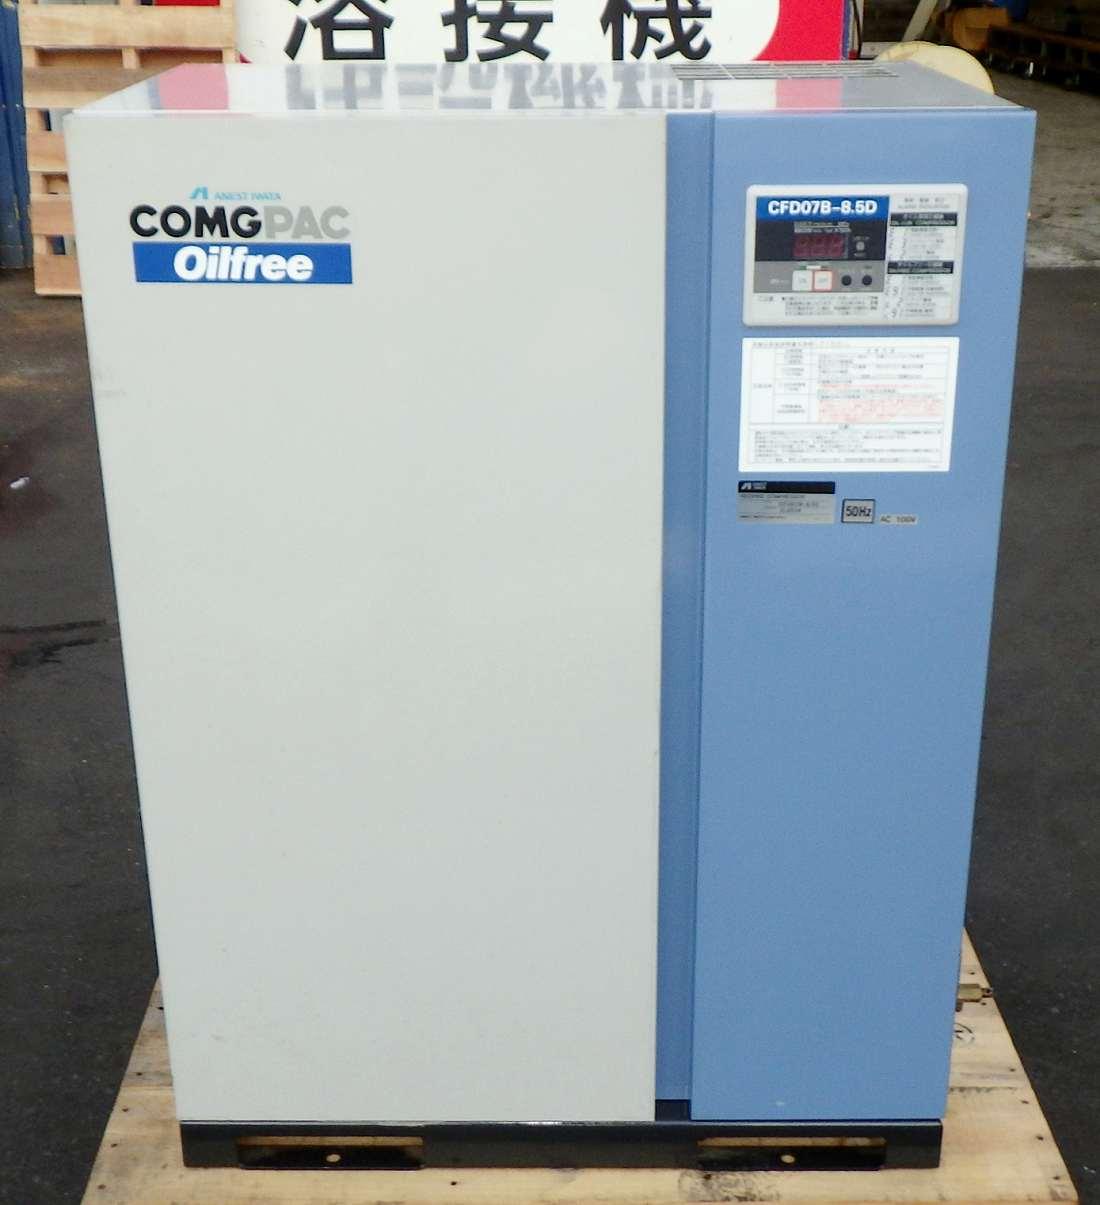 [100V/使用少] アネスト岩田 オイルフリーパッケージコンプレッサー/エアーコンプレッサー [1馬力/静音/ドライヤー付] CFD-07B-8.5D 50Hz買取しました!